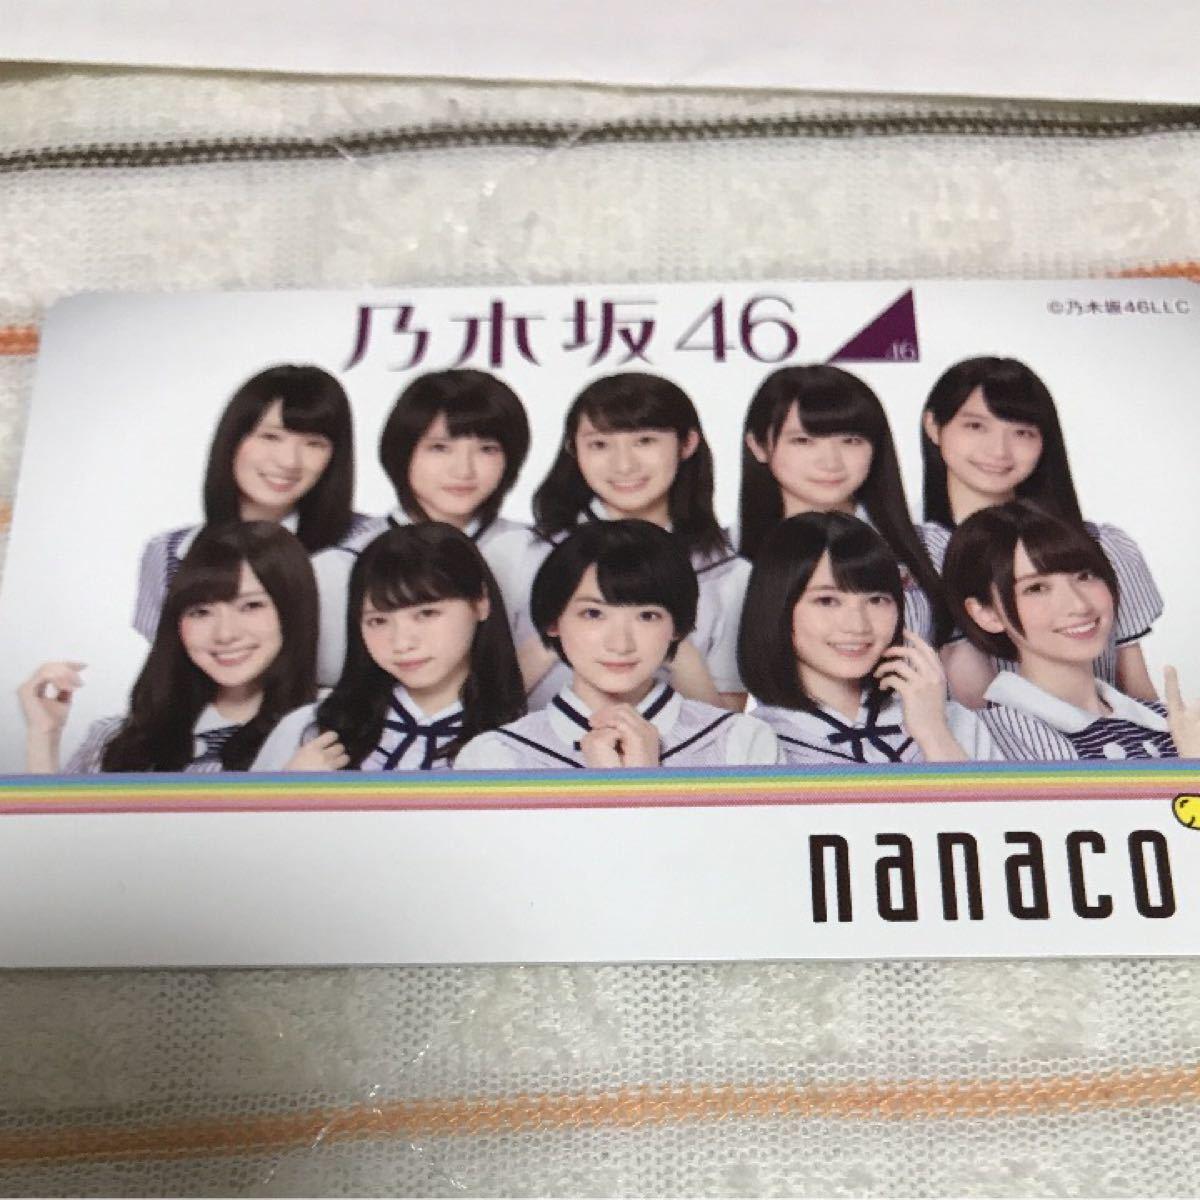 乃木坂46  2000枚限定カード